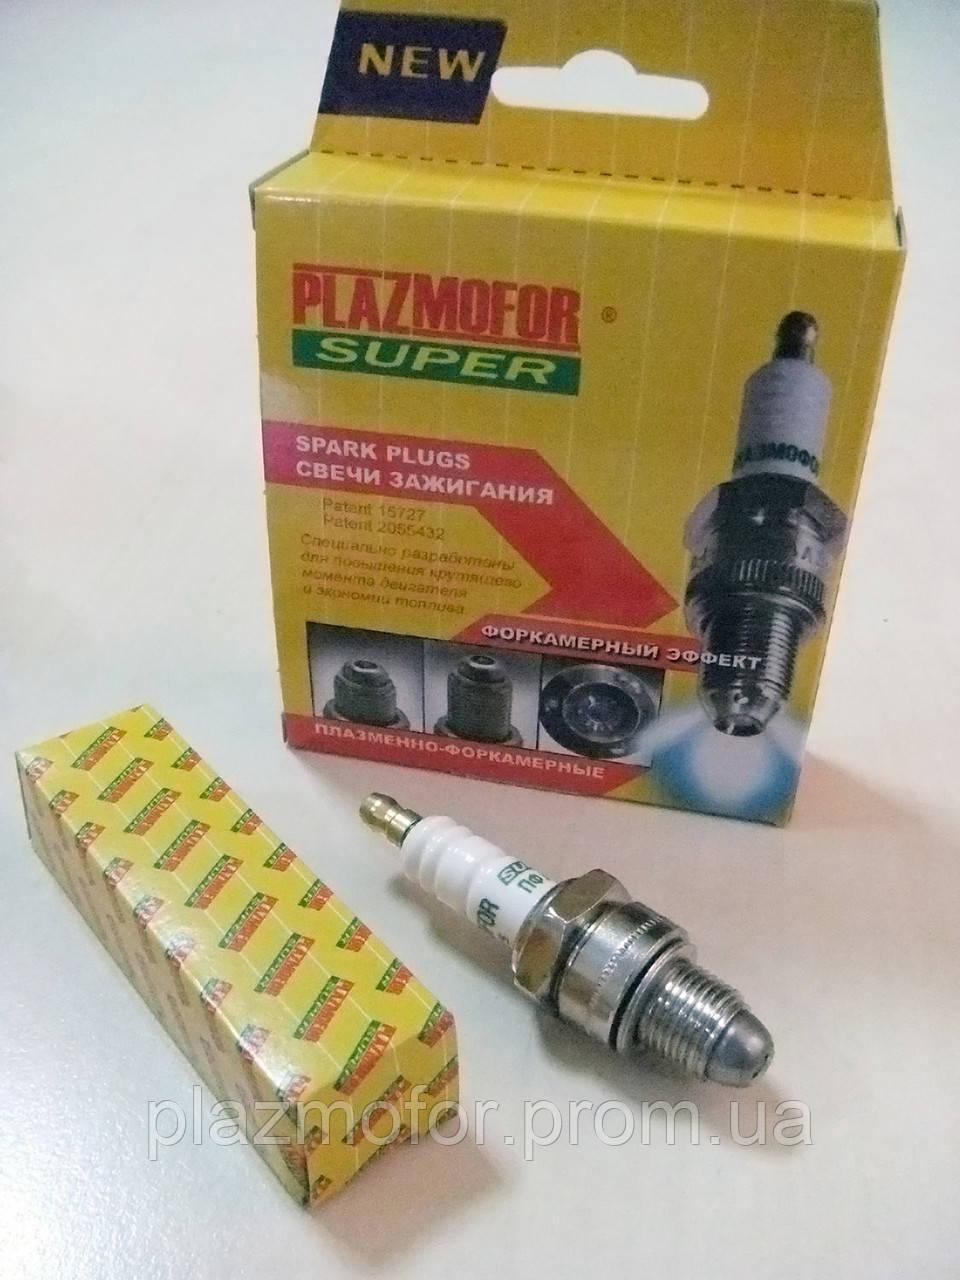 Плазменно-форкамерные свечи TM PLAZMOFOR